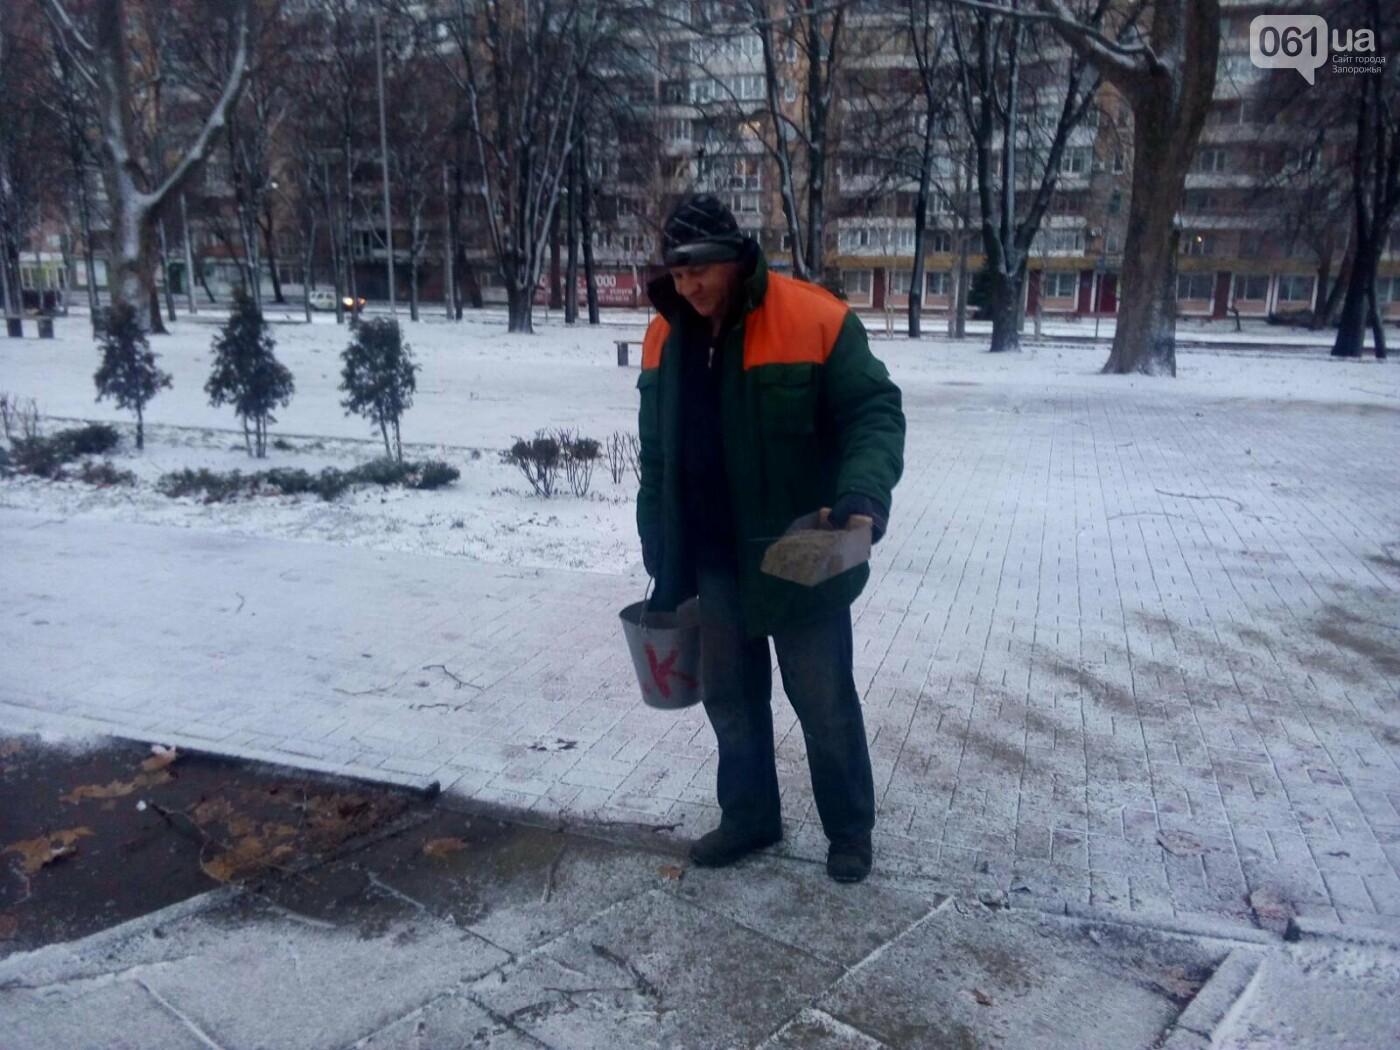 На тротуары и дороги Запорожья коммунальщики высыпали более 800 тонн антигололедной смеси , фото-3